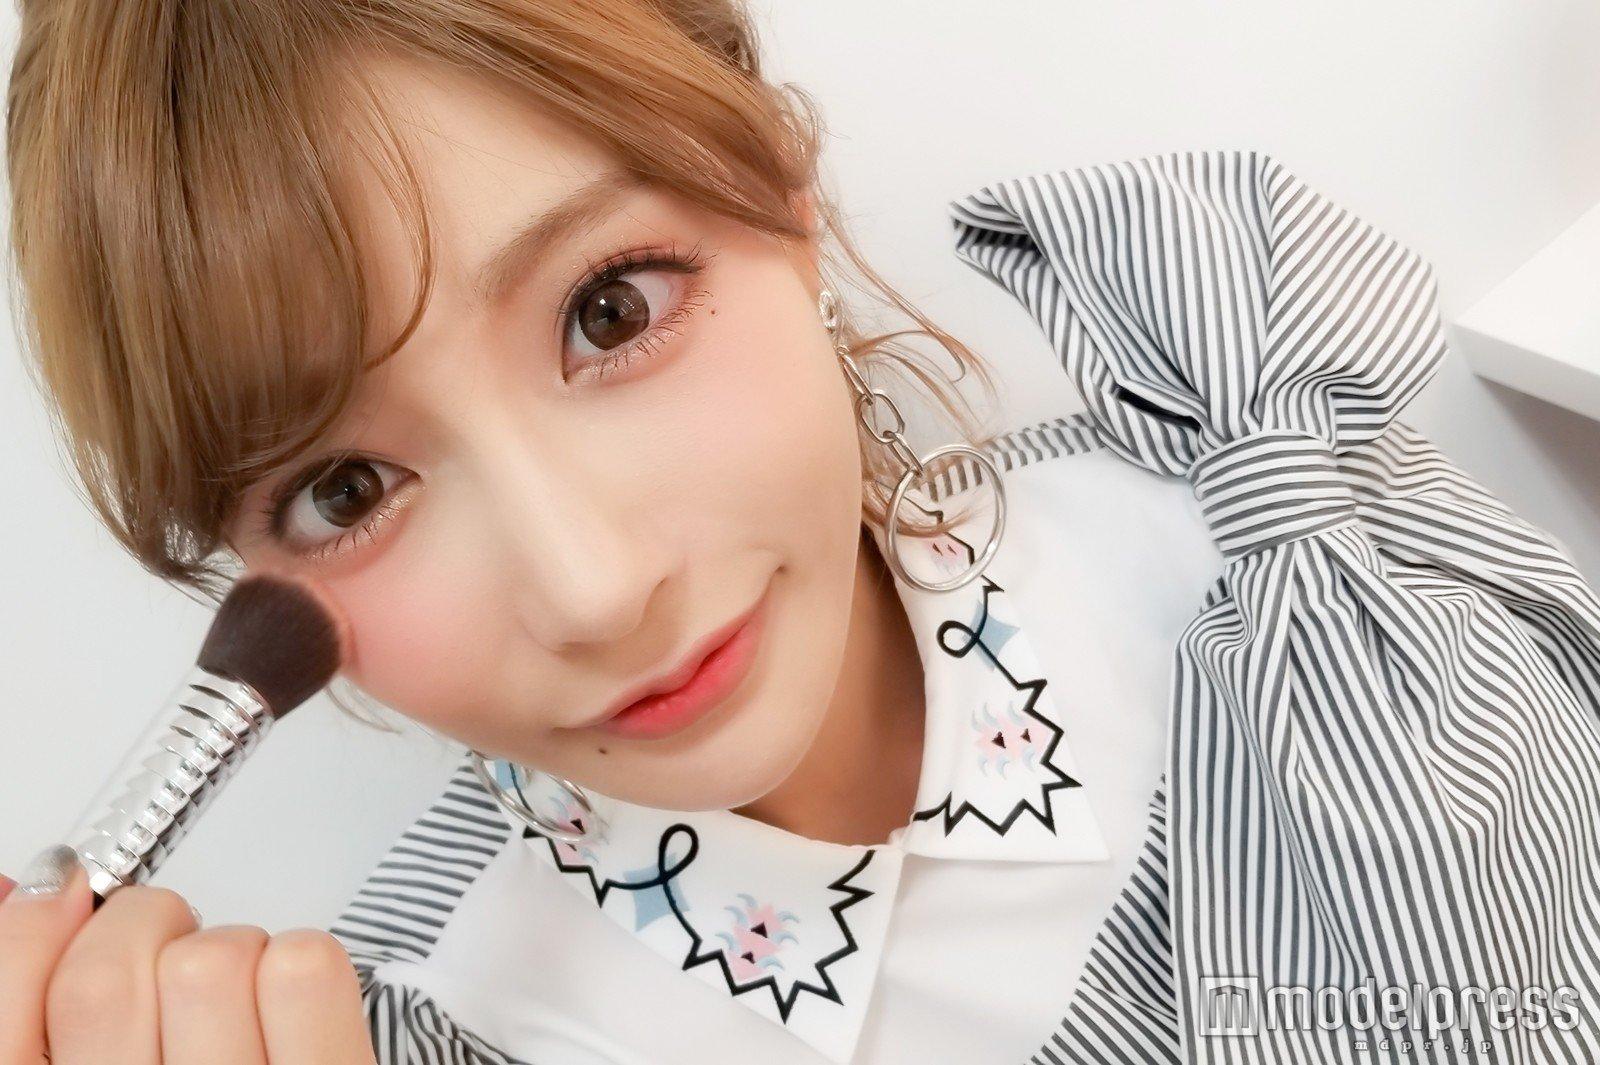 h明日花キララマツカッツ卒業011